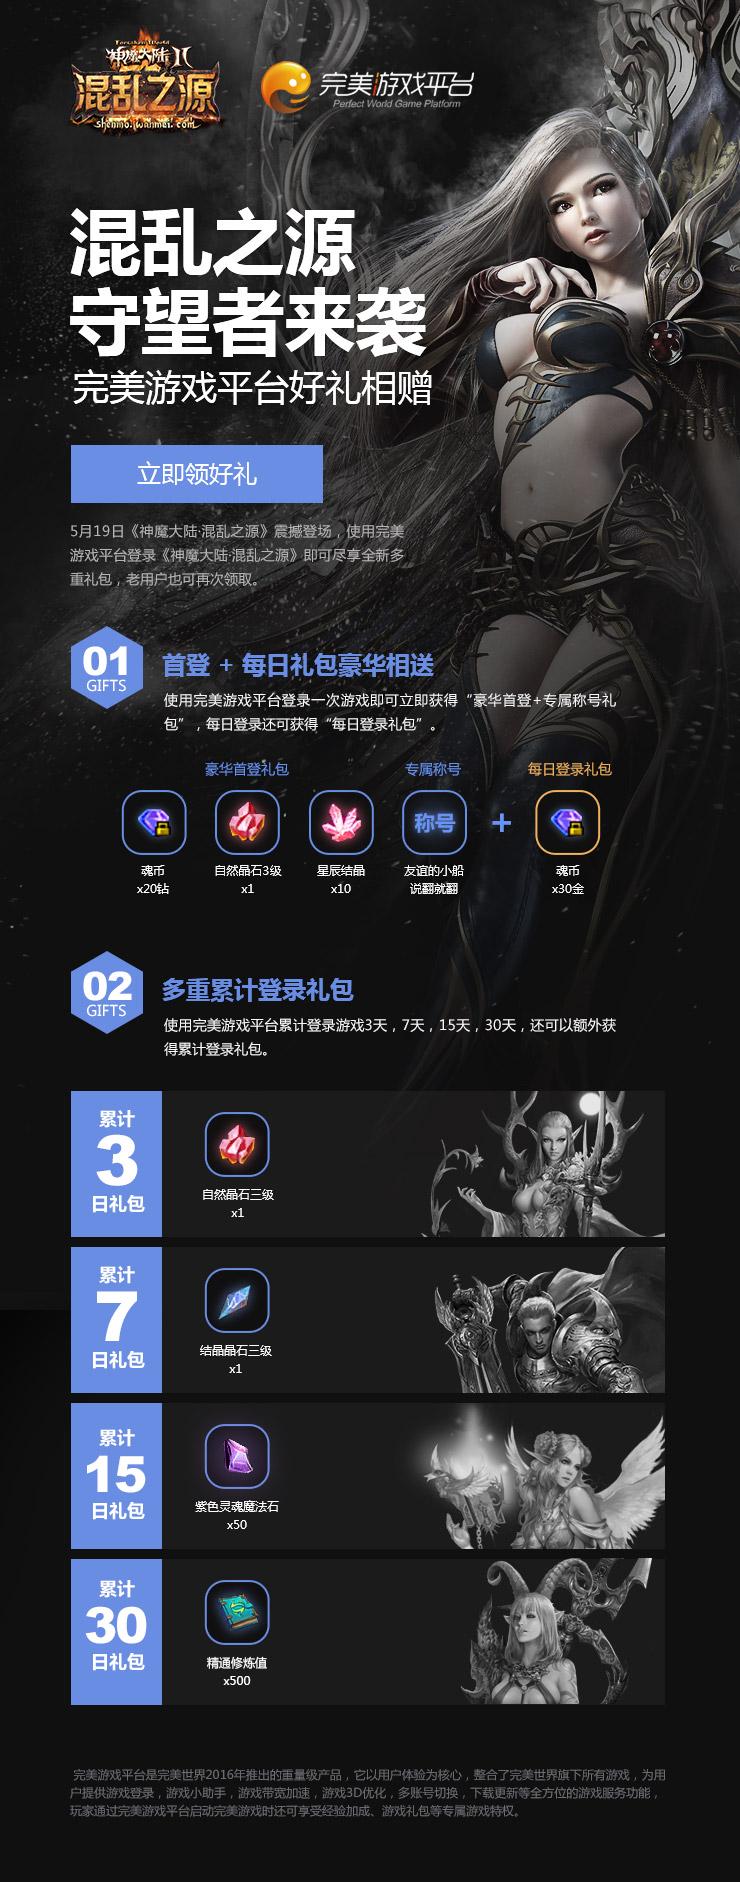 5月19日《神魔大陆2·混乱之源》震撼登场,使用完美游戏平台登录《神魔大陆2·混乱之源》即可尽享全新多重礼包,老用户也可再次领取。